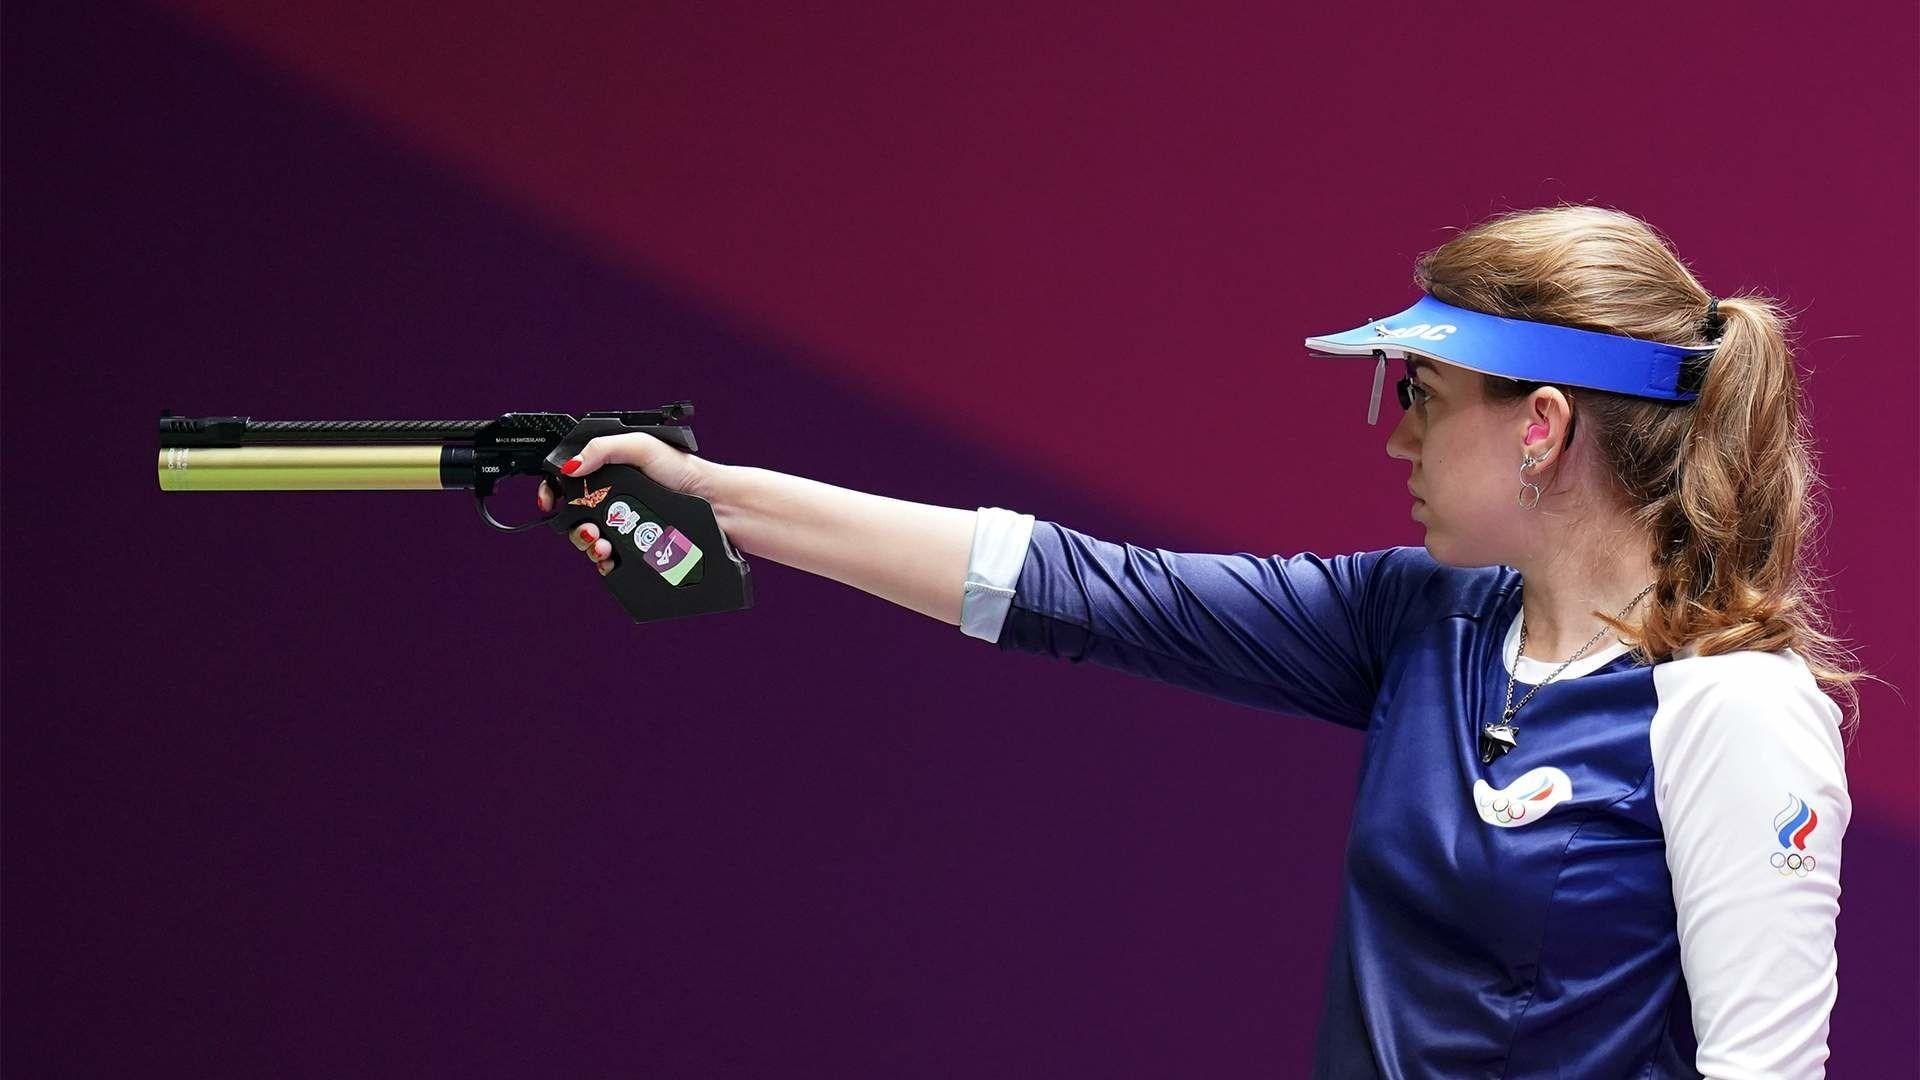 Ведьмака проходила на играх в Токио Интервью с олимпийской чемпионкой Виталиной Бацарашкиной